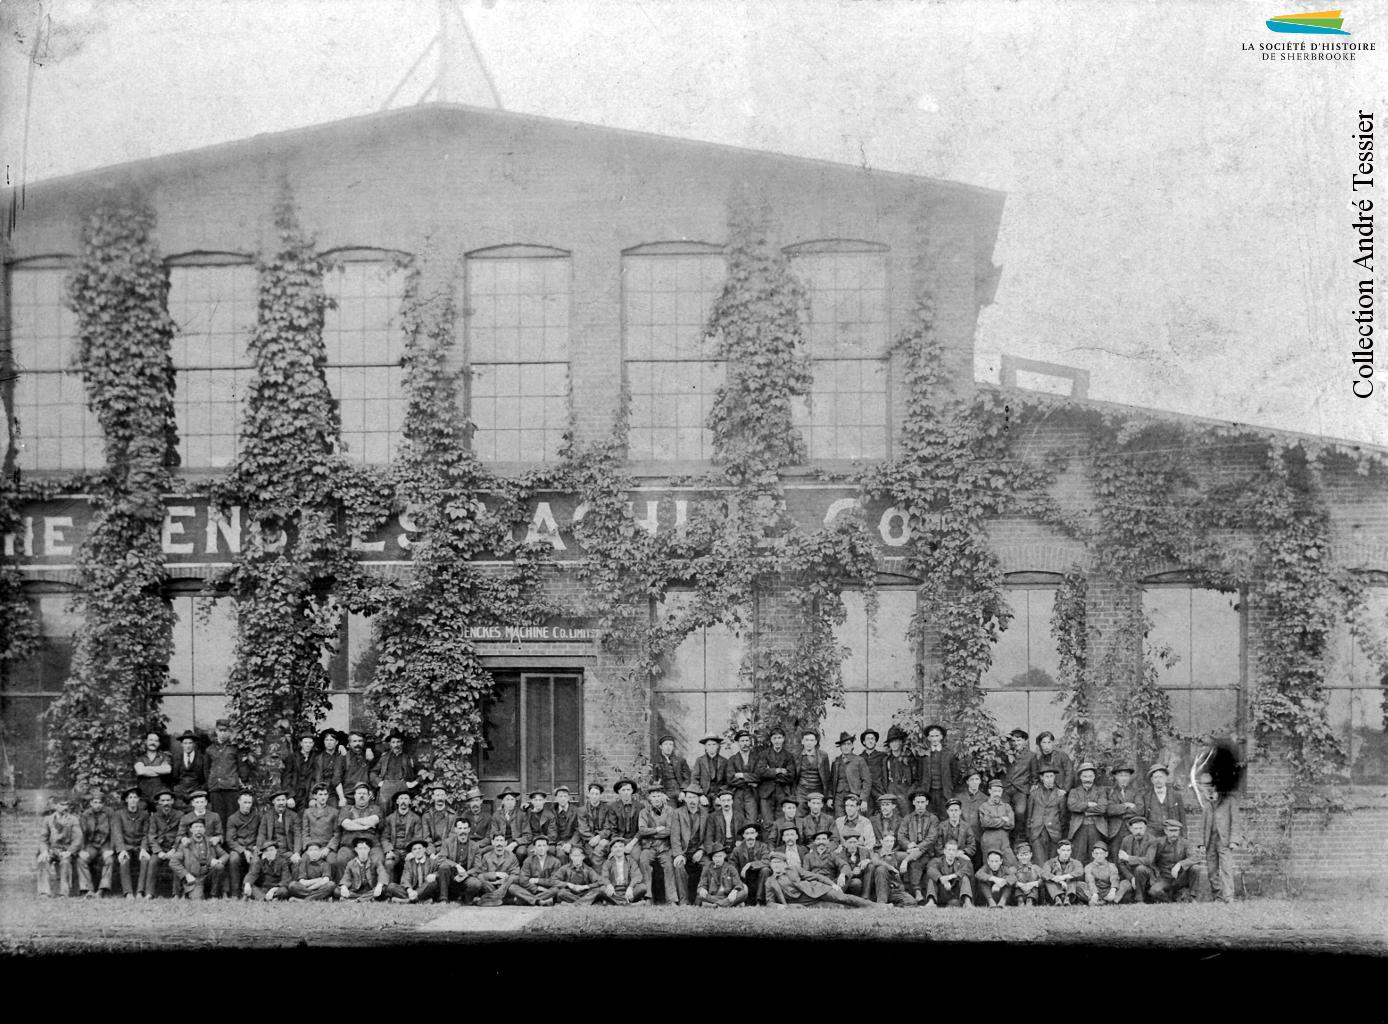 Des employés de la Jenckes Machine Company rassemblés devant l'usine, située sur la rue Lansdowne (Grandes-Fourches Sud), entre 1900 et 1910.